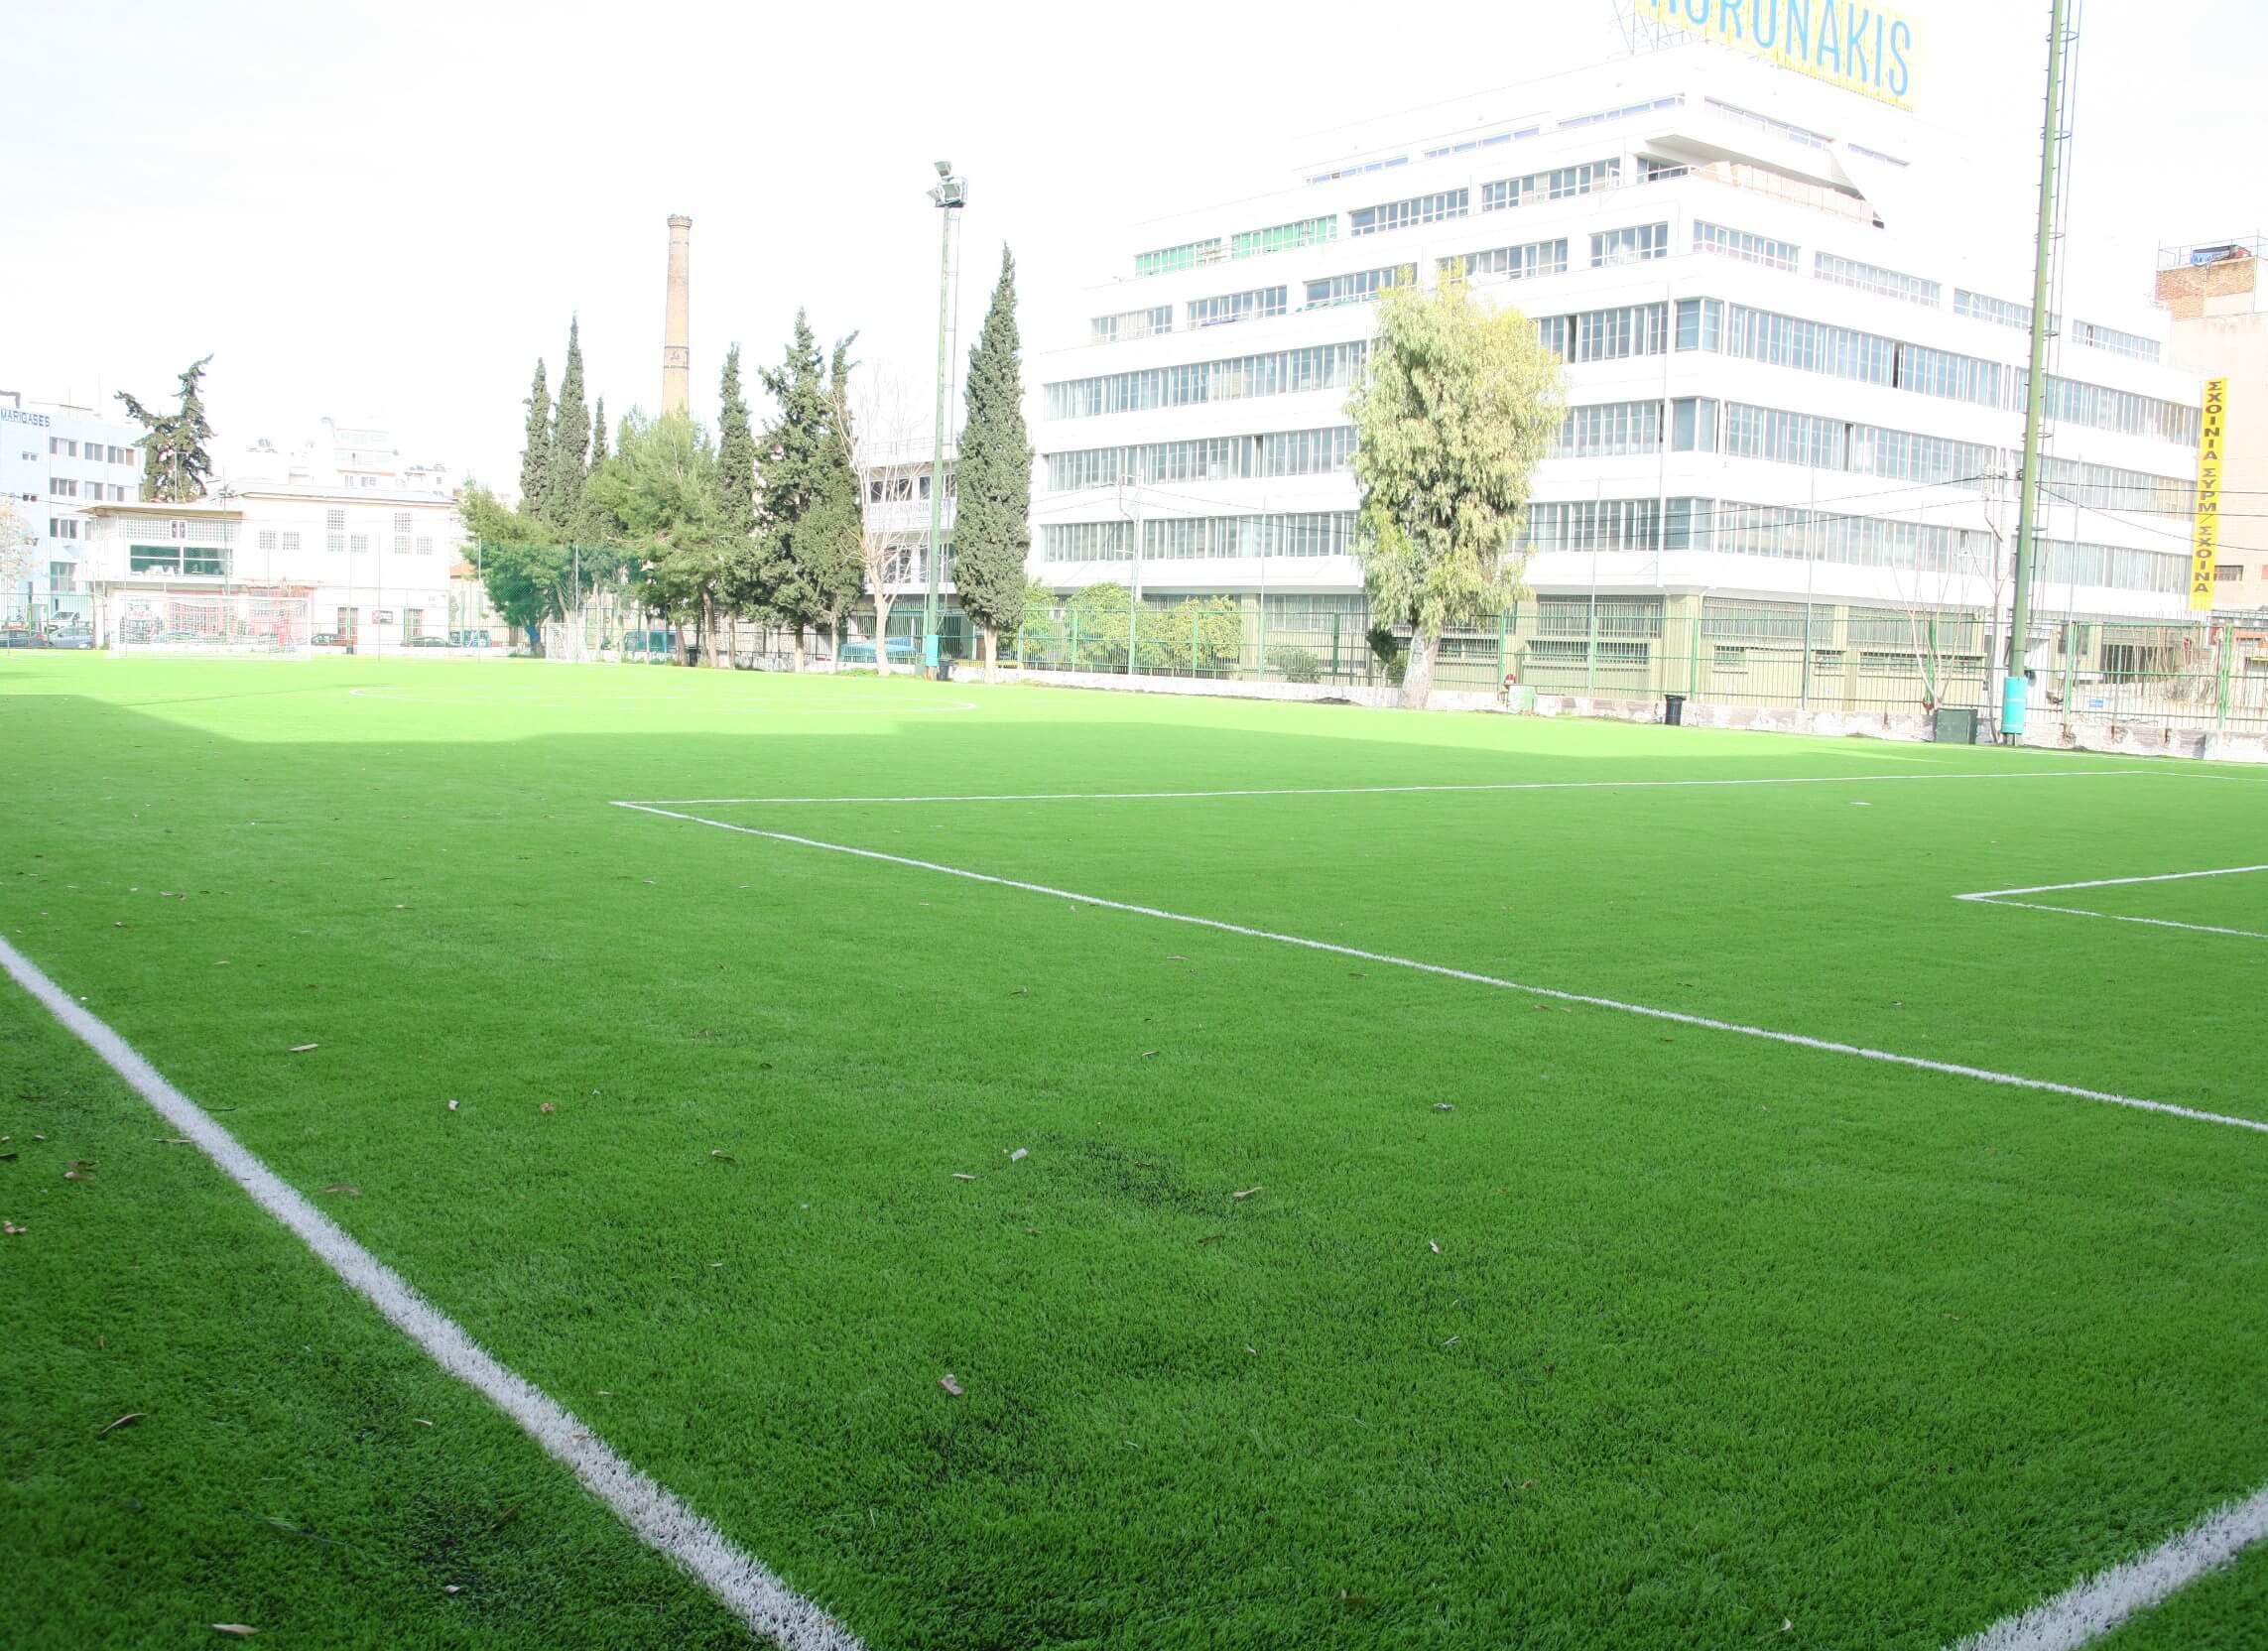 Πειραιάς : Παραδόθηκε το ανακαινισμένο γήπεδο ποδοσφαίρου του Αγίου Διονυσίου